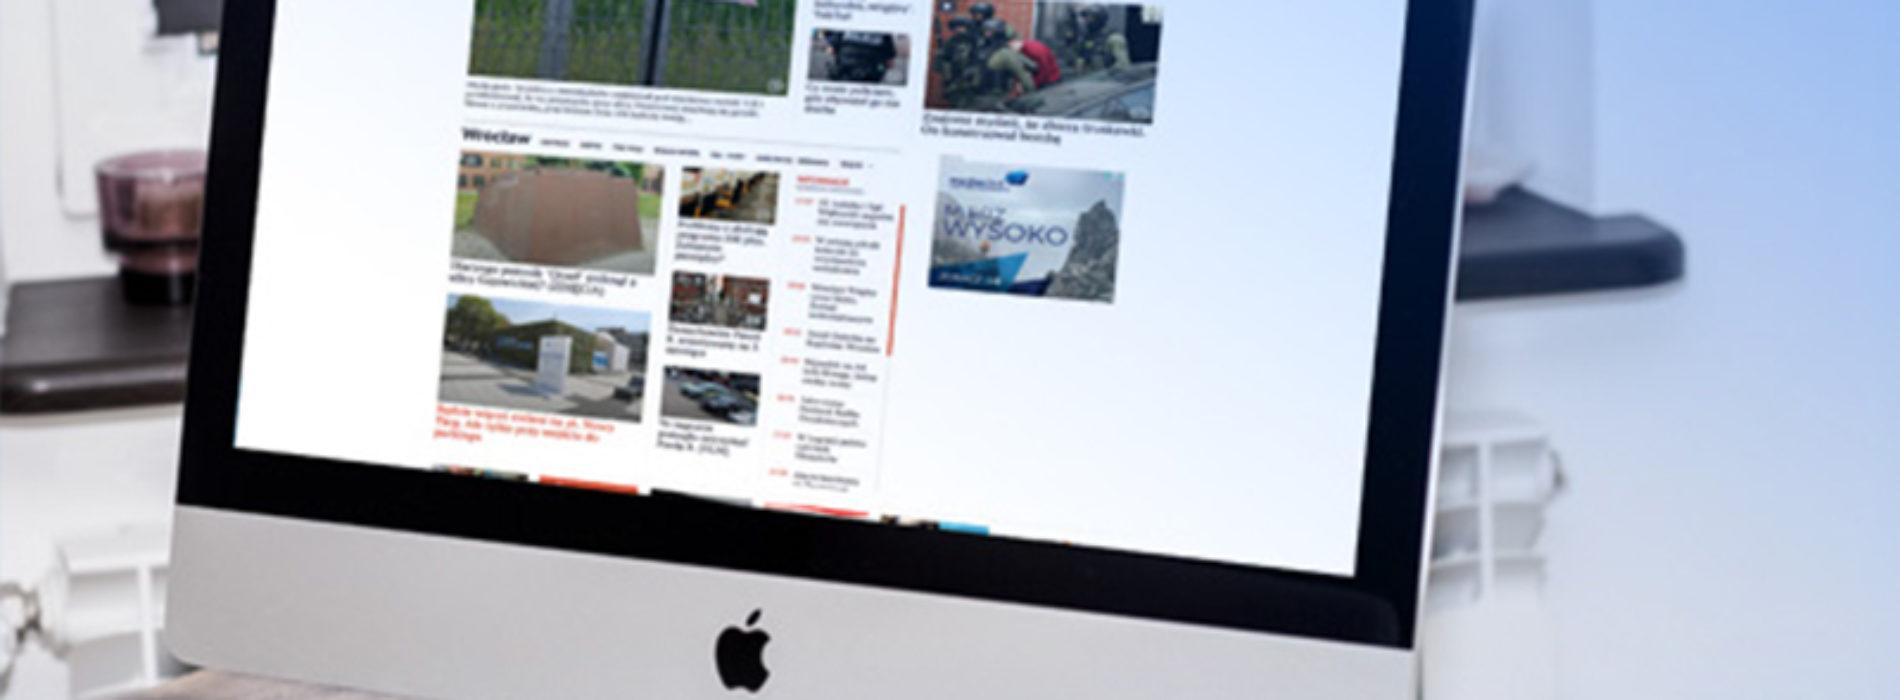 6 sposobów na optymalizację postów blogowych w wyszukiwarkach